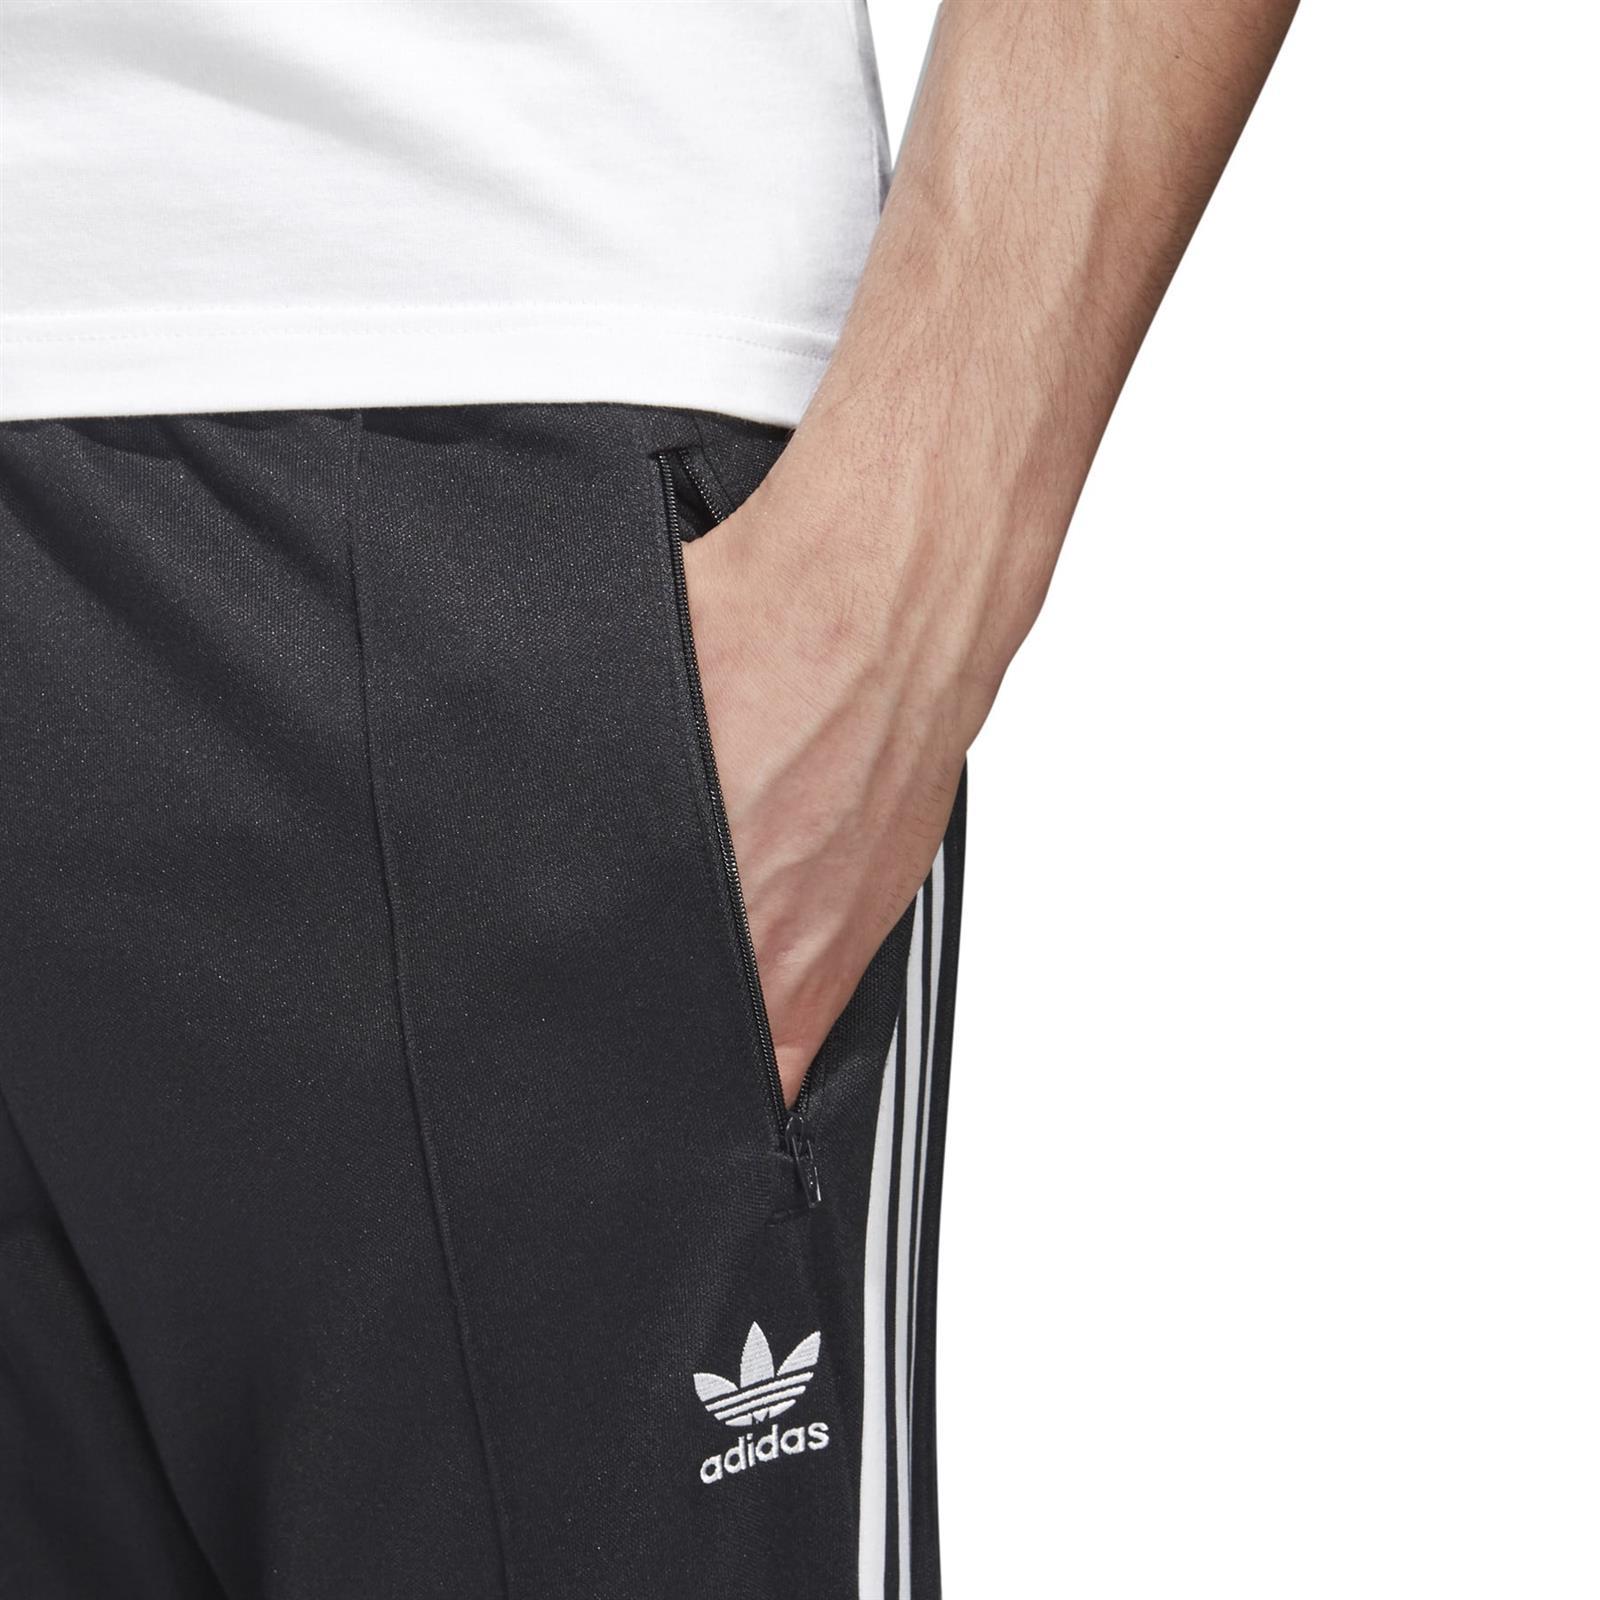 adidas bluza i spodnie bb